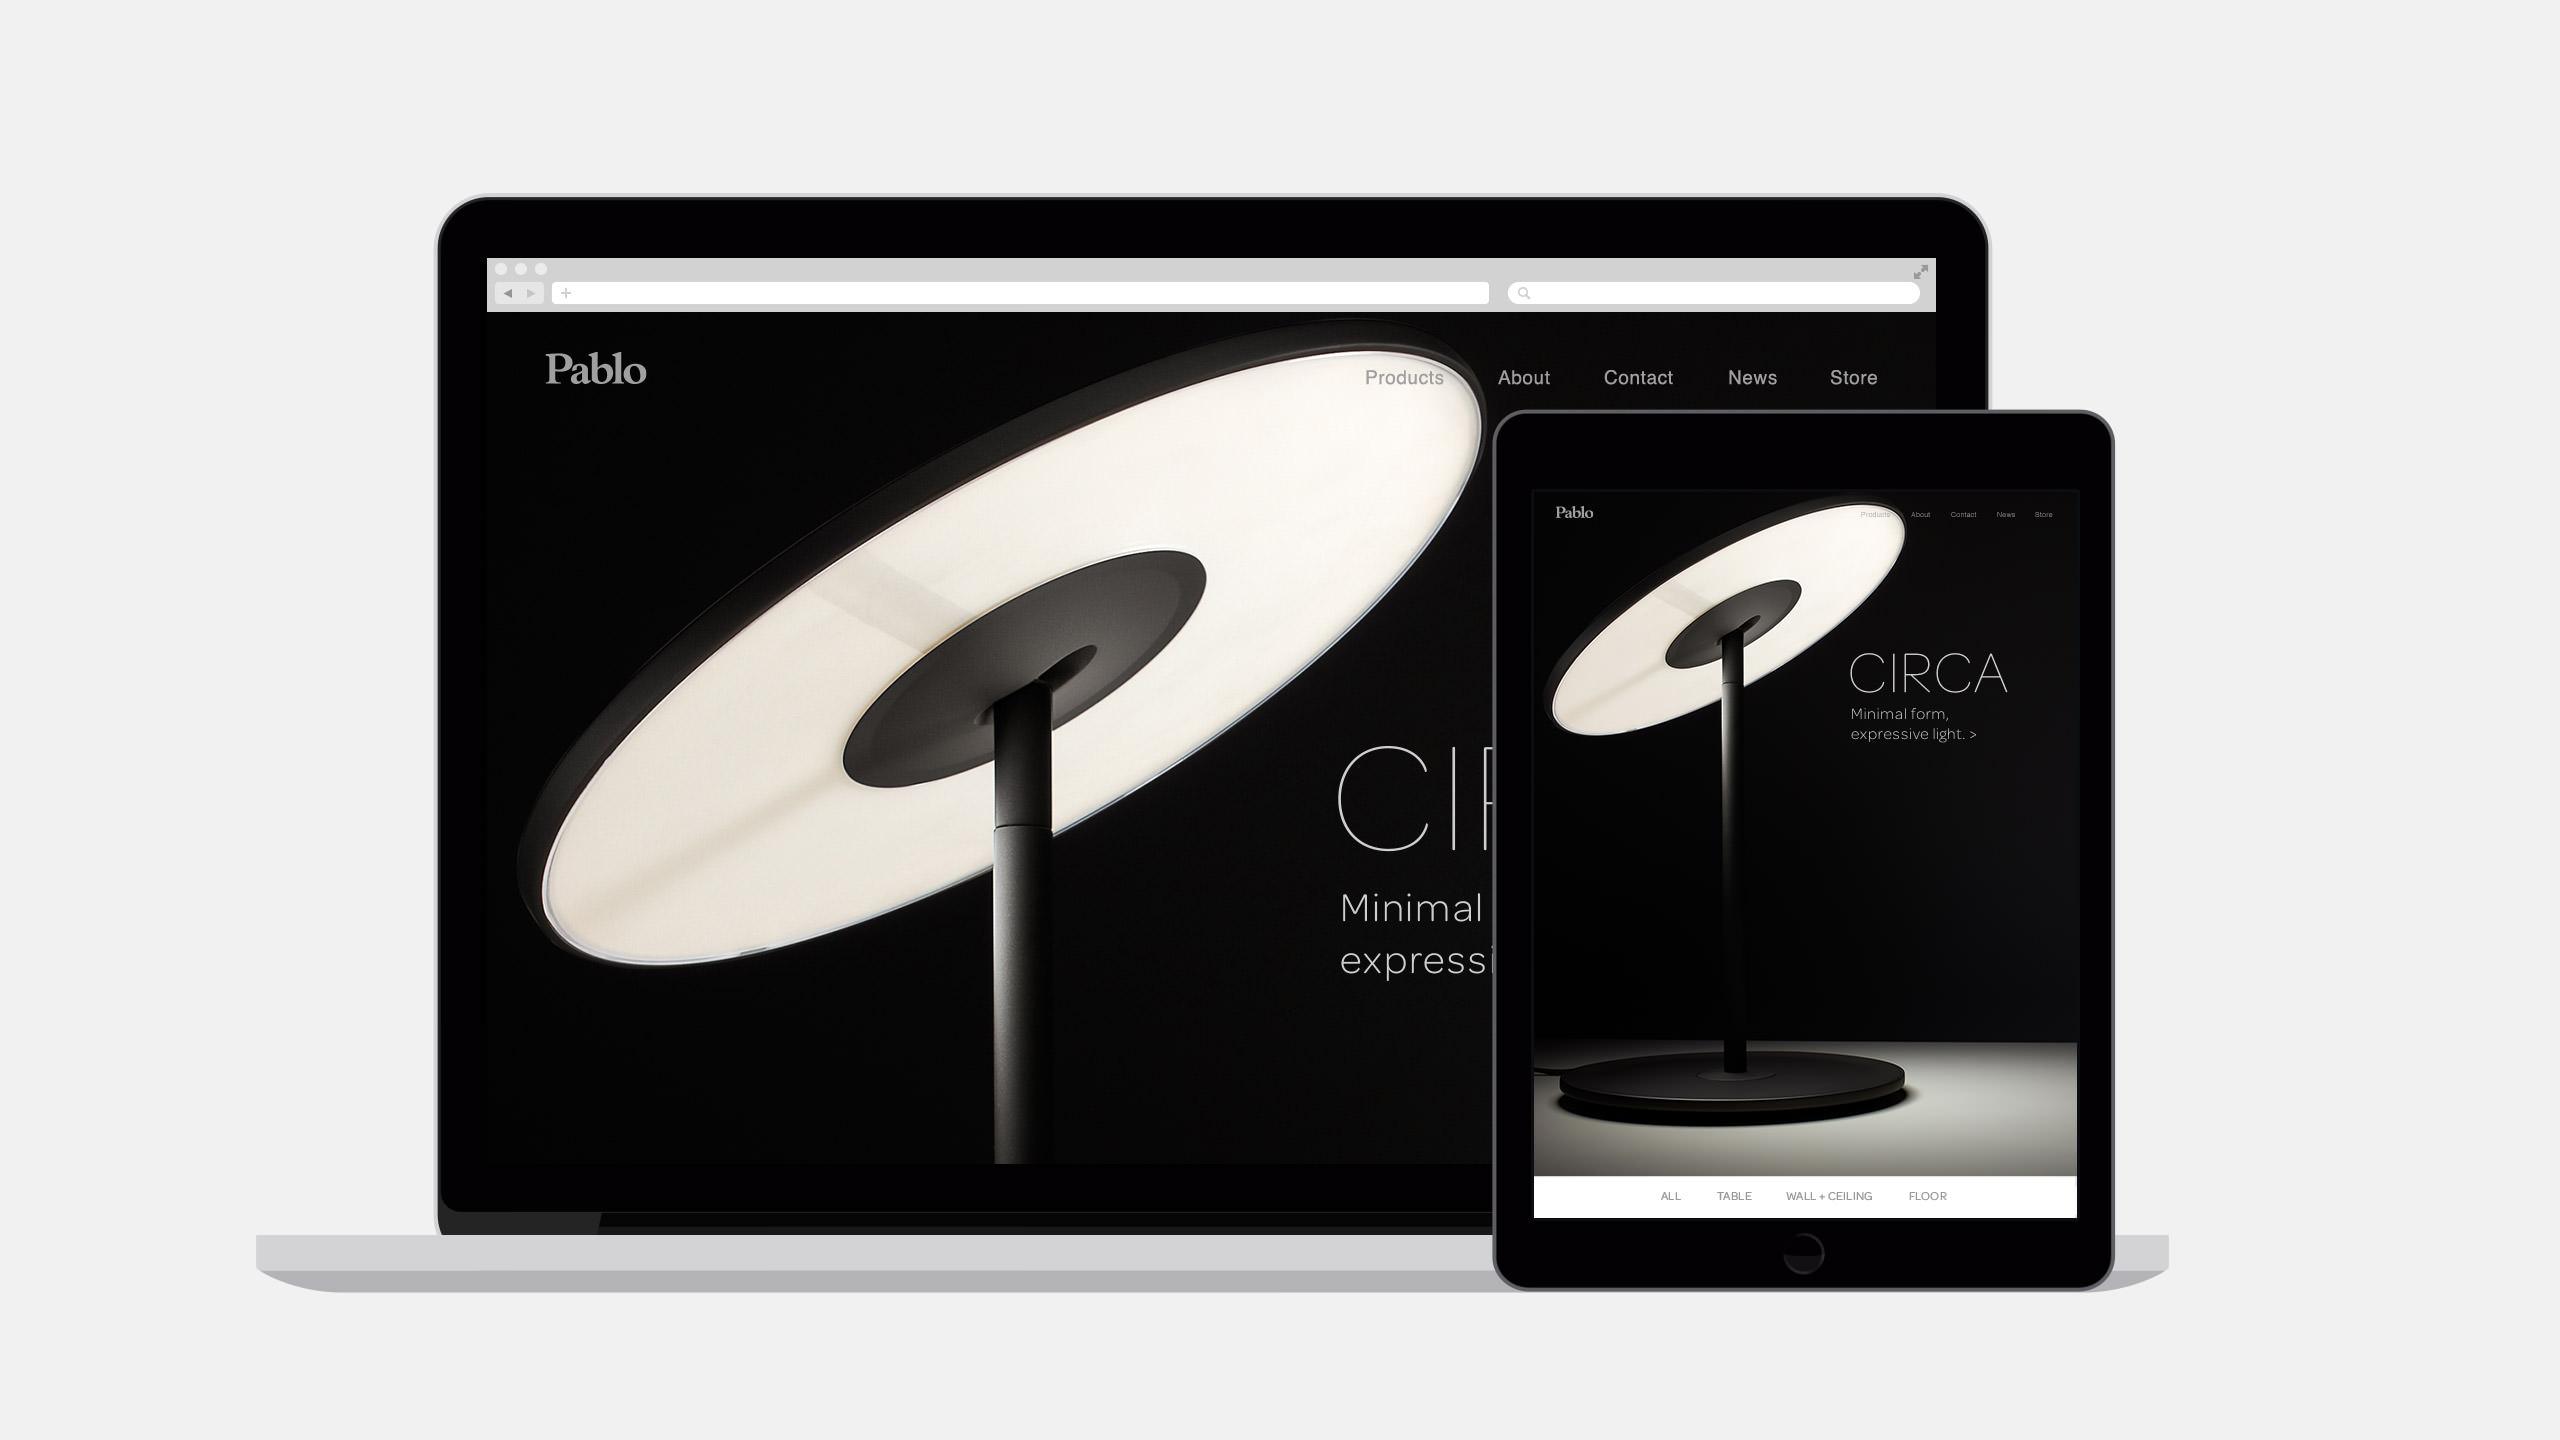 Pablo Designs Website Homepage - Circa